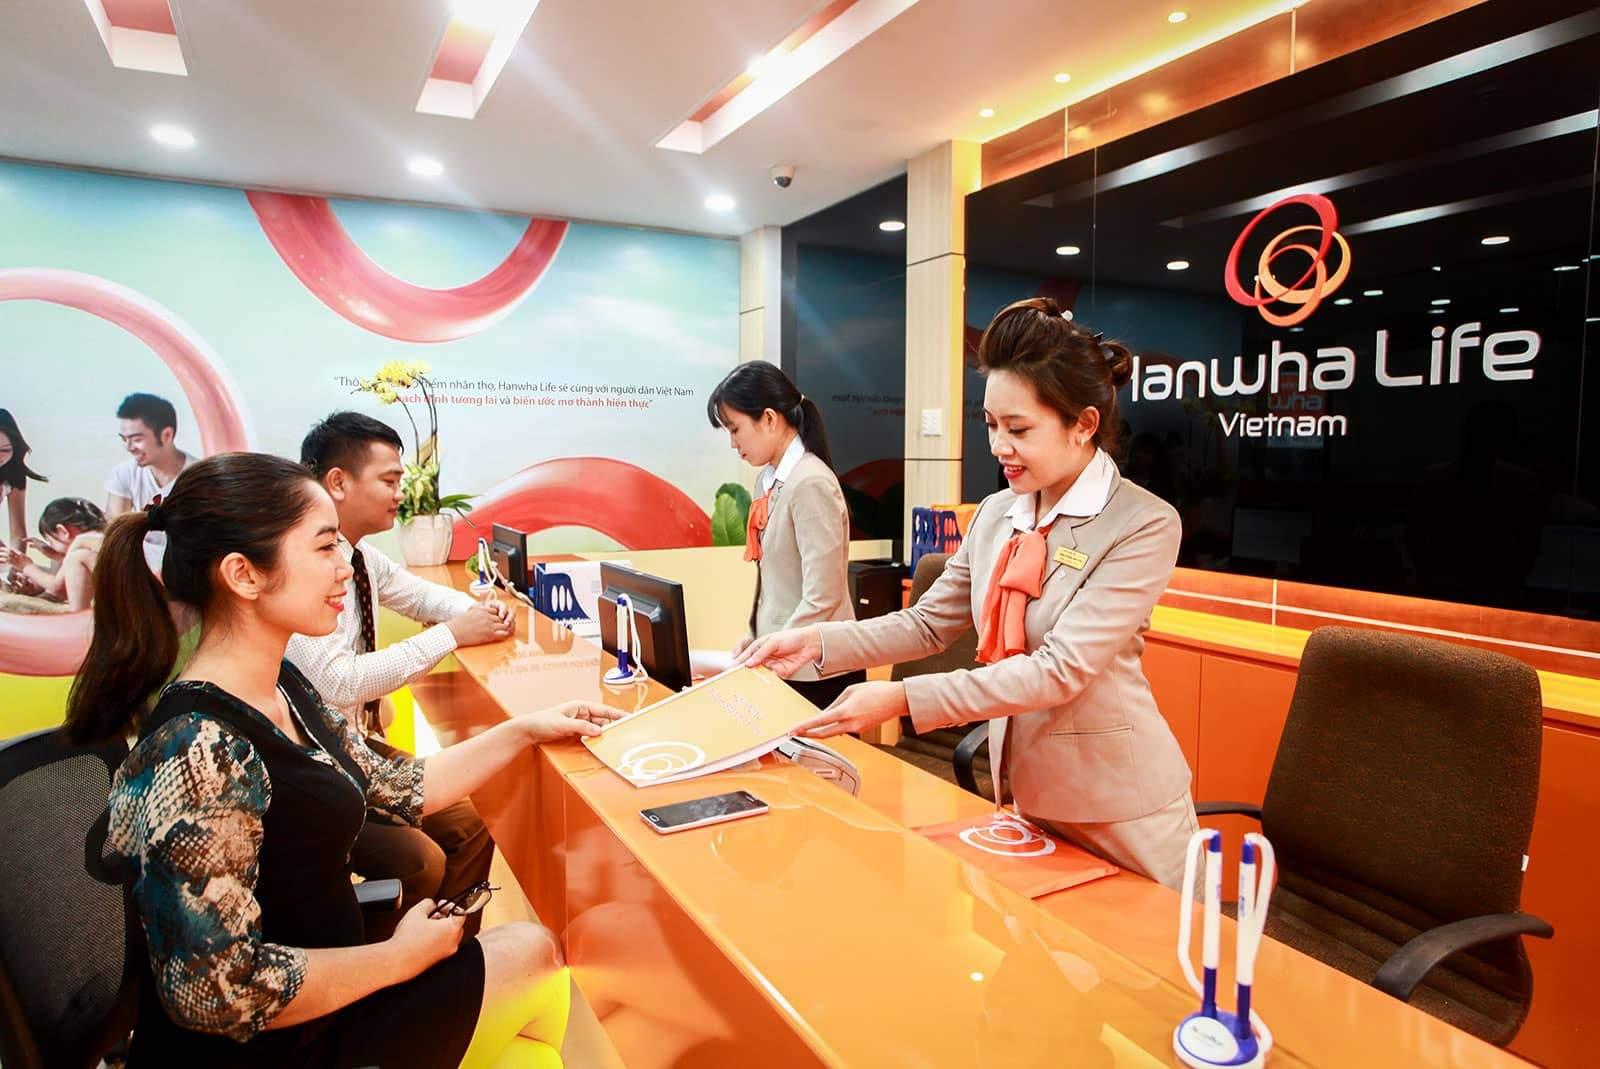 Lãi suất quỹ liên kết chung Hanwha Life thay đổi theo từng giai đoạn